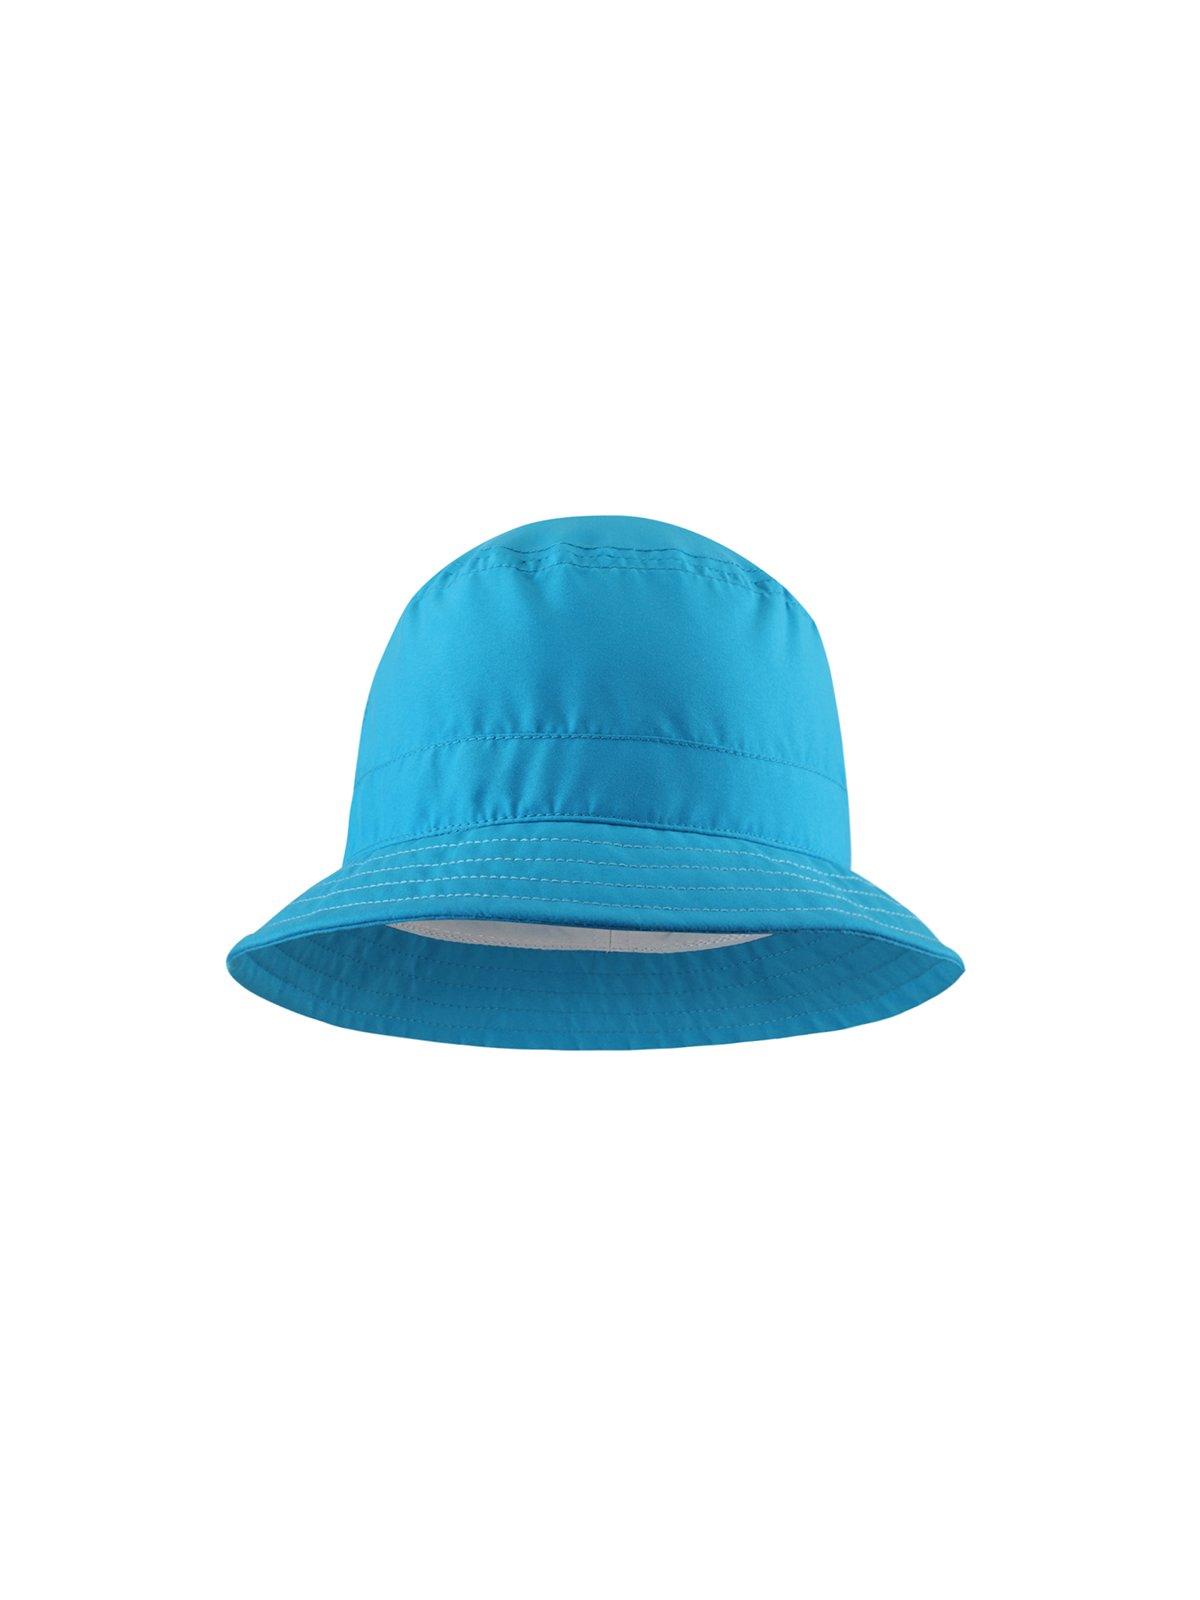 Панамка блакитна | 916001 | фото 2